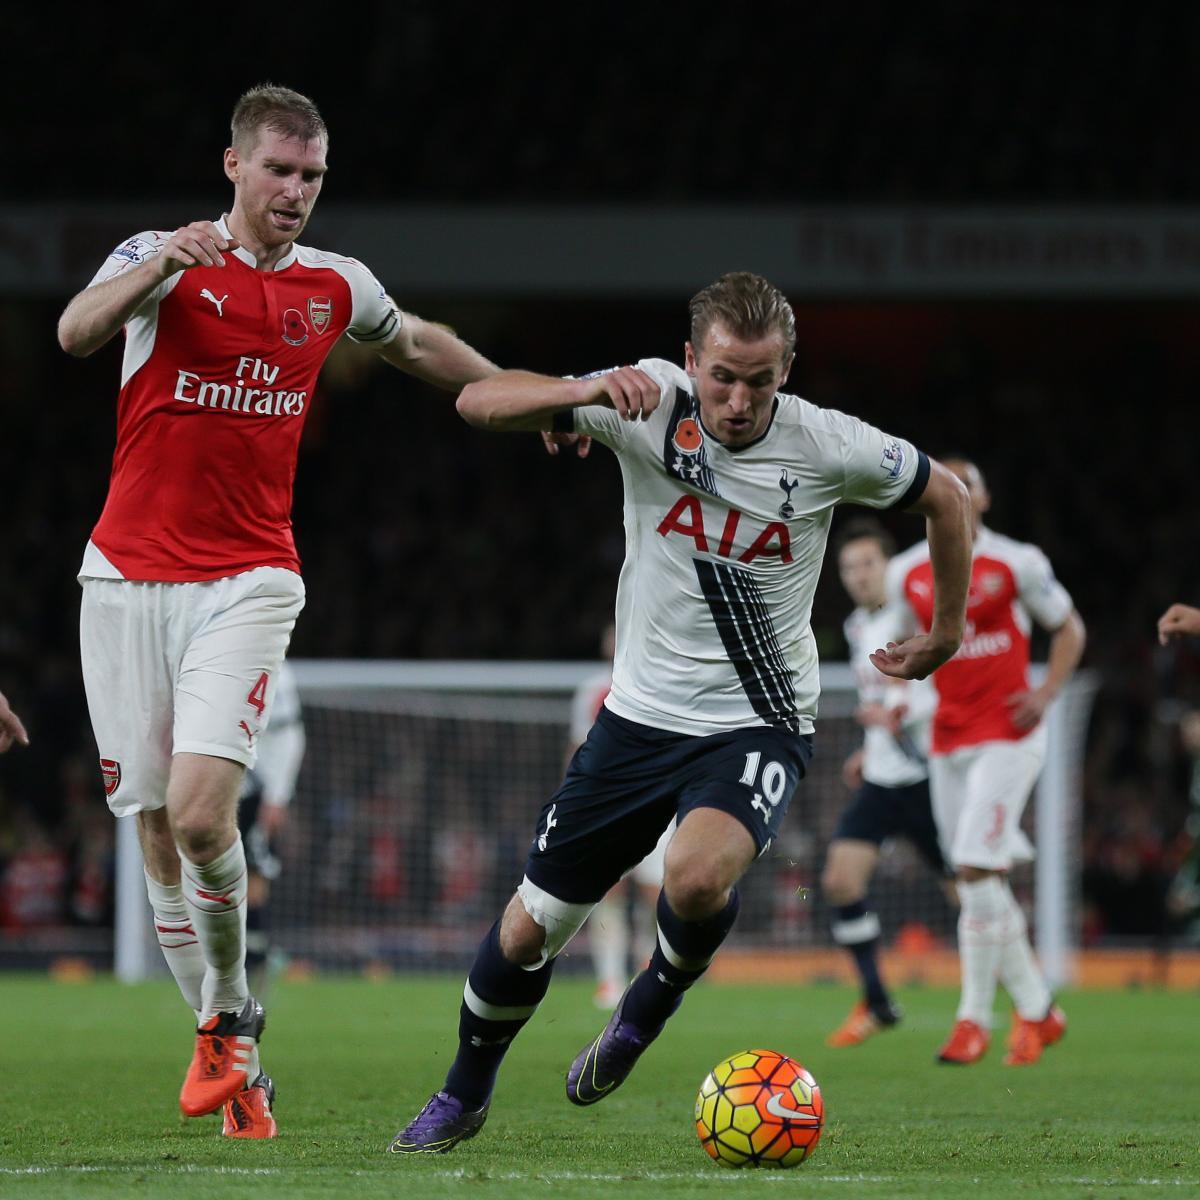 Ajax Vs Tottenham Hotspur Preview Live Stream Tv Info: Tottenham Vs. Arsenal: Team News, Preview, Live Stream, TV